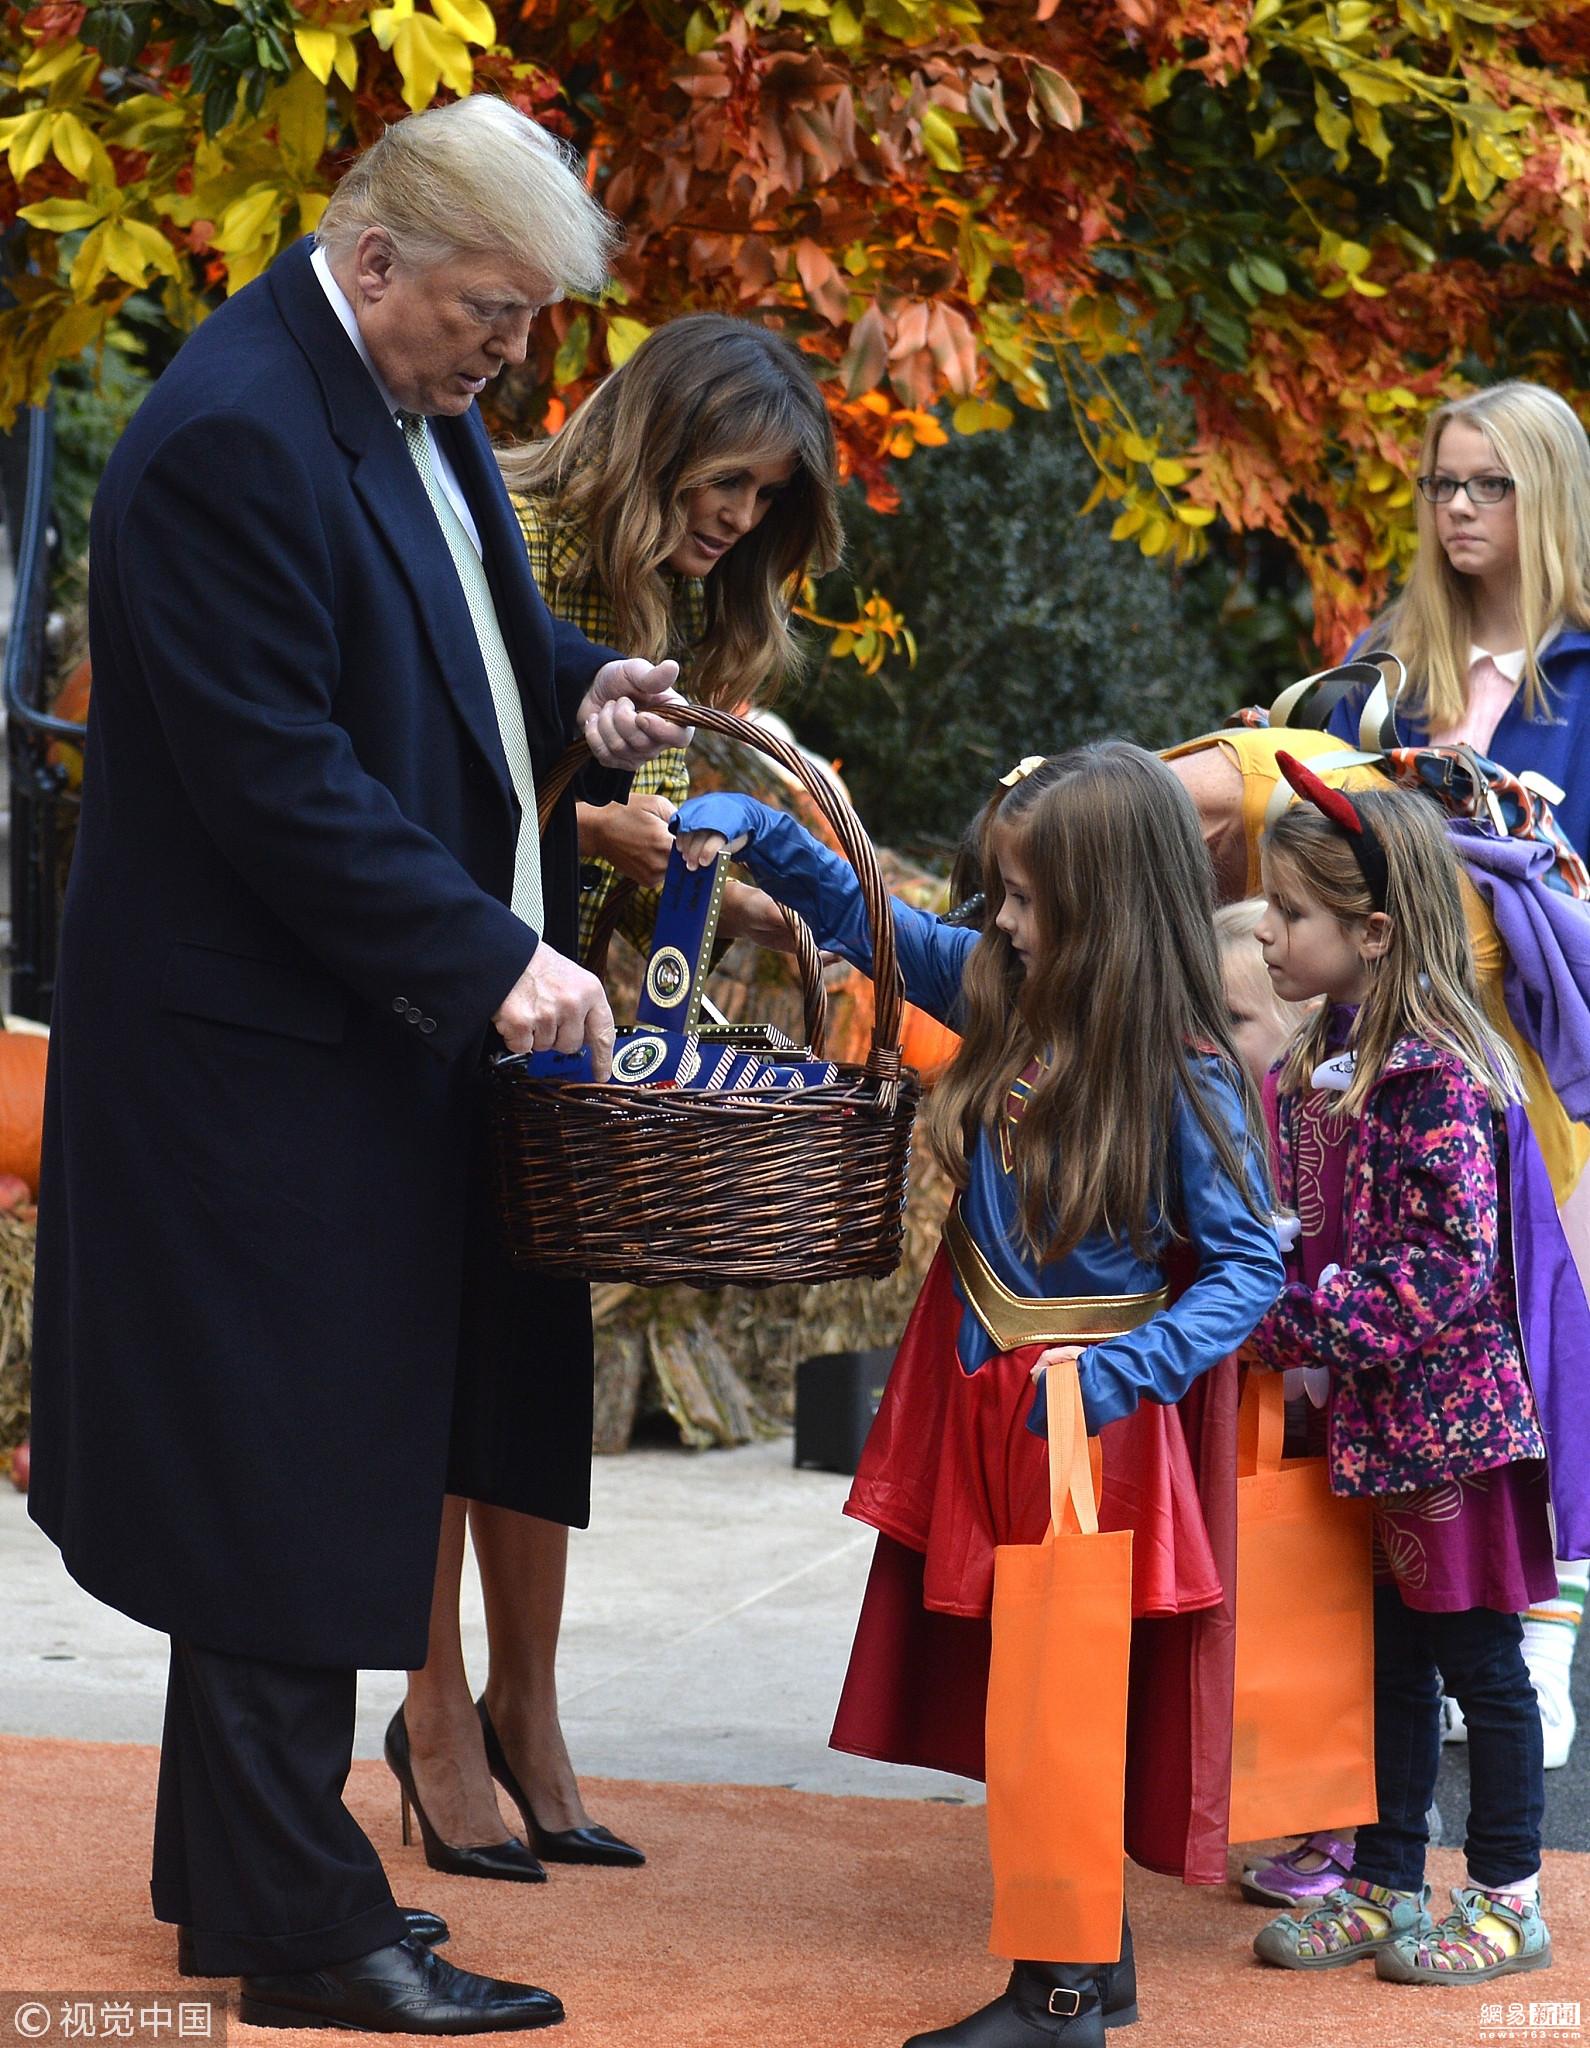 特朗普的万圣节:拿蛇杖与夫人给萌娃发糖